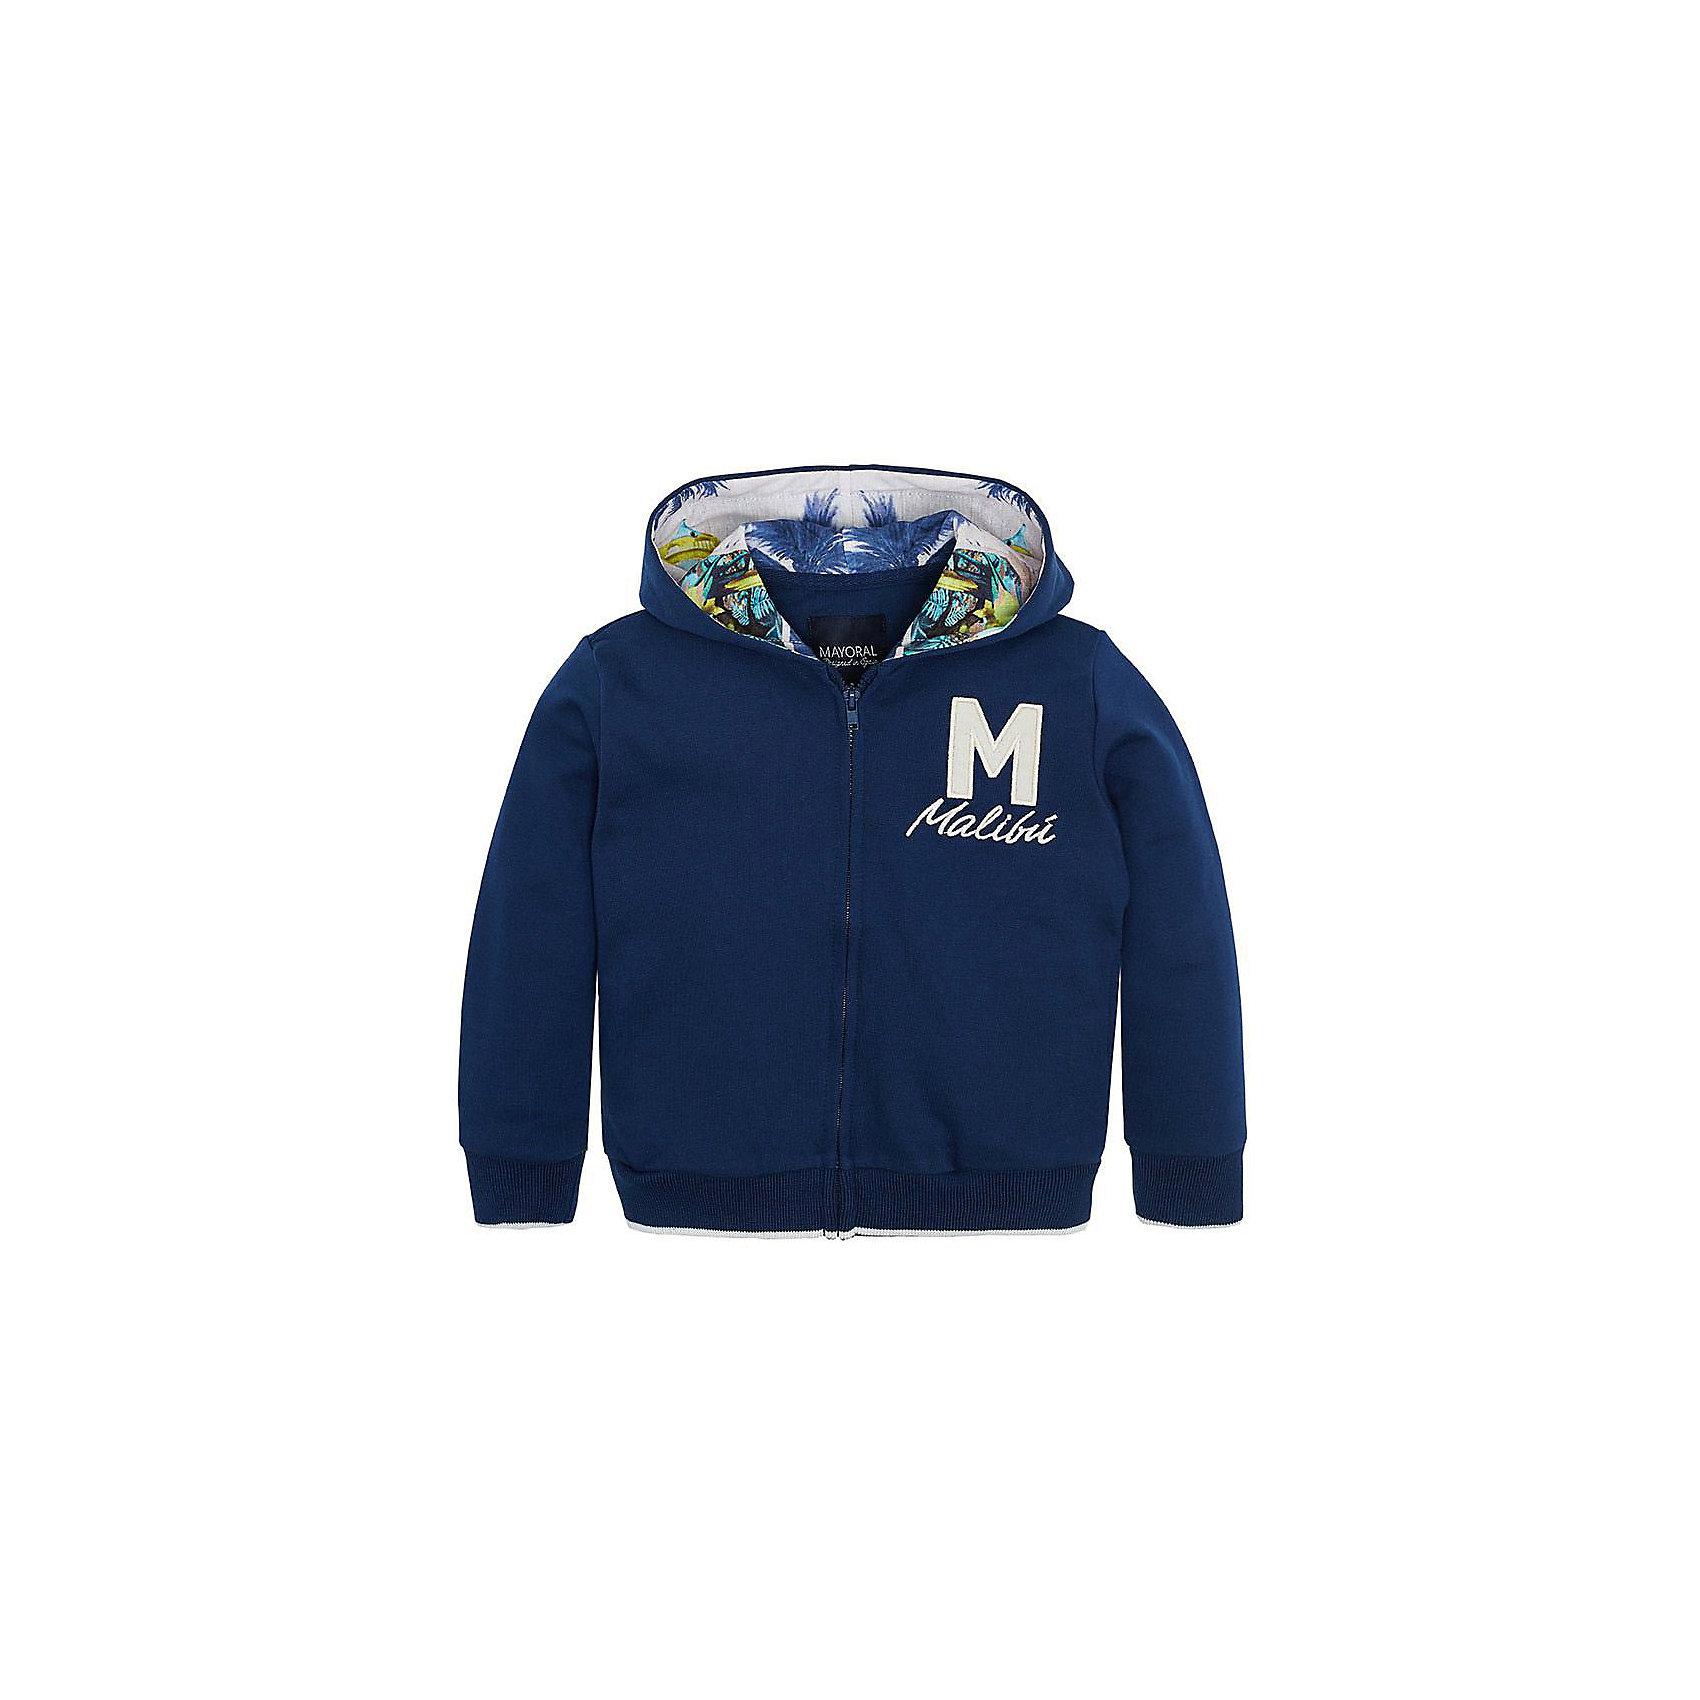 Толстовка для мальчика MayoralКуртка для мальчика от известной испанской марки Mayoral <br><br>Стильная объемная куртка от Mayoral очень оригинально и стильно смотрится. Она прекрасно сочетается с различным низом.  Модель выполнена из качественных материалов, отлично садится по фигуре.<br><br>Особенности модели:<br><br>- цвет: синий;<br>- рукава длинные;<br>- молния;<br>- украшена вышивкой;<br>- низ и рукава отделаны трикотажной резинкой;<br>- капюшон.<br><br>Дополнительная информация:<br><br>Состав: 57% хлопок, 43% полиэстер<br><br>Куртку для  мальчика Mayoral (Майорал) можно купить в нашем магазине.<br><br>Ширина мм: 356<br>Глубина мм: 10<br>Высота мм: 245<br>Вес г: 519<br>Цвет: серый<br>Возраст от месяцев: 36<br>Возраст до месяцев: 48<br>Пол: Мужской<br>Возраст: Детский<br>Размер: 92,110,98,104,116,134,122,128<br>SKU: 4542201